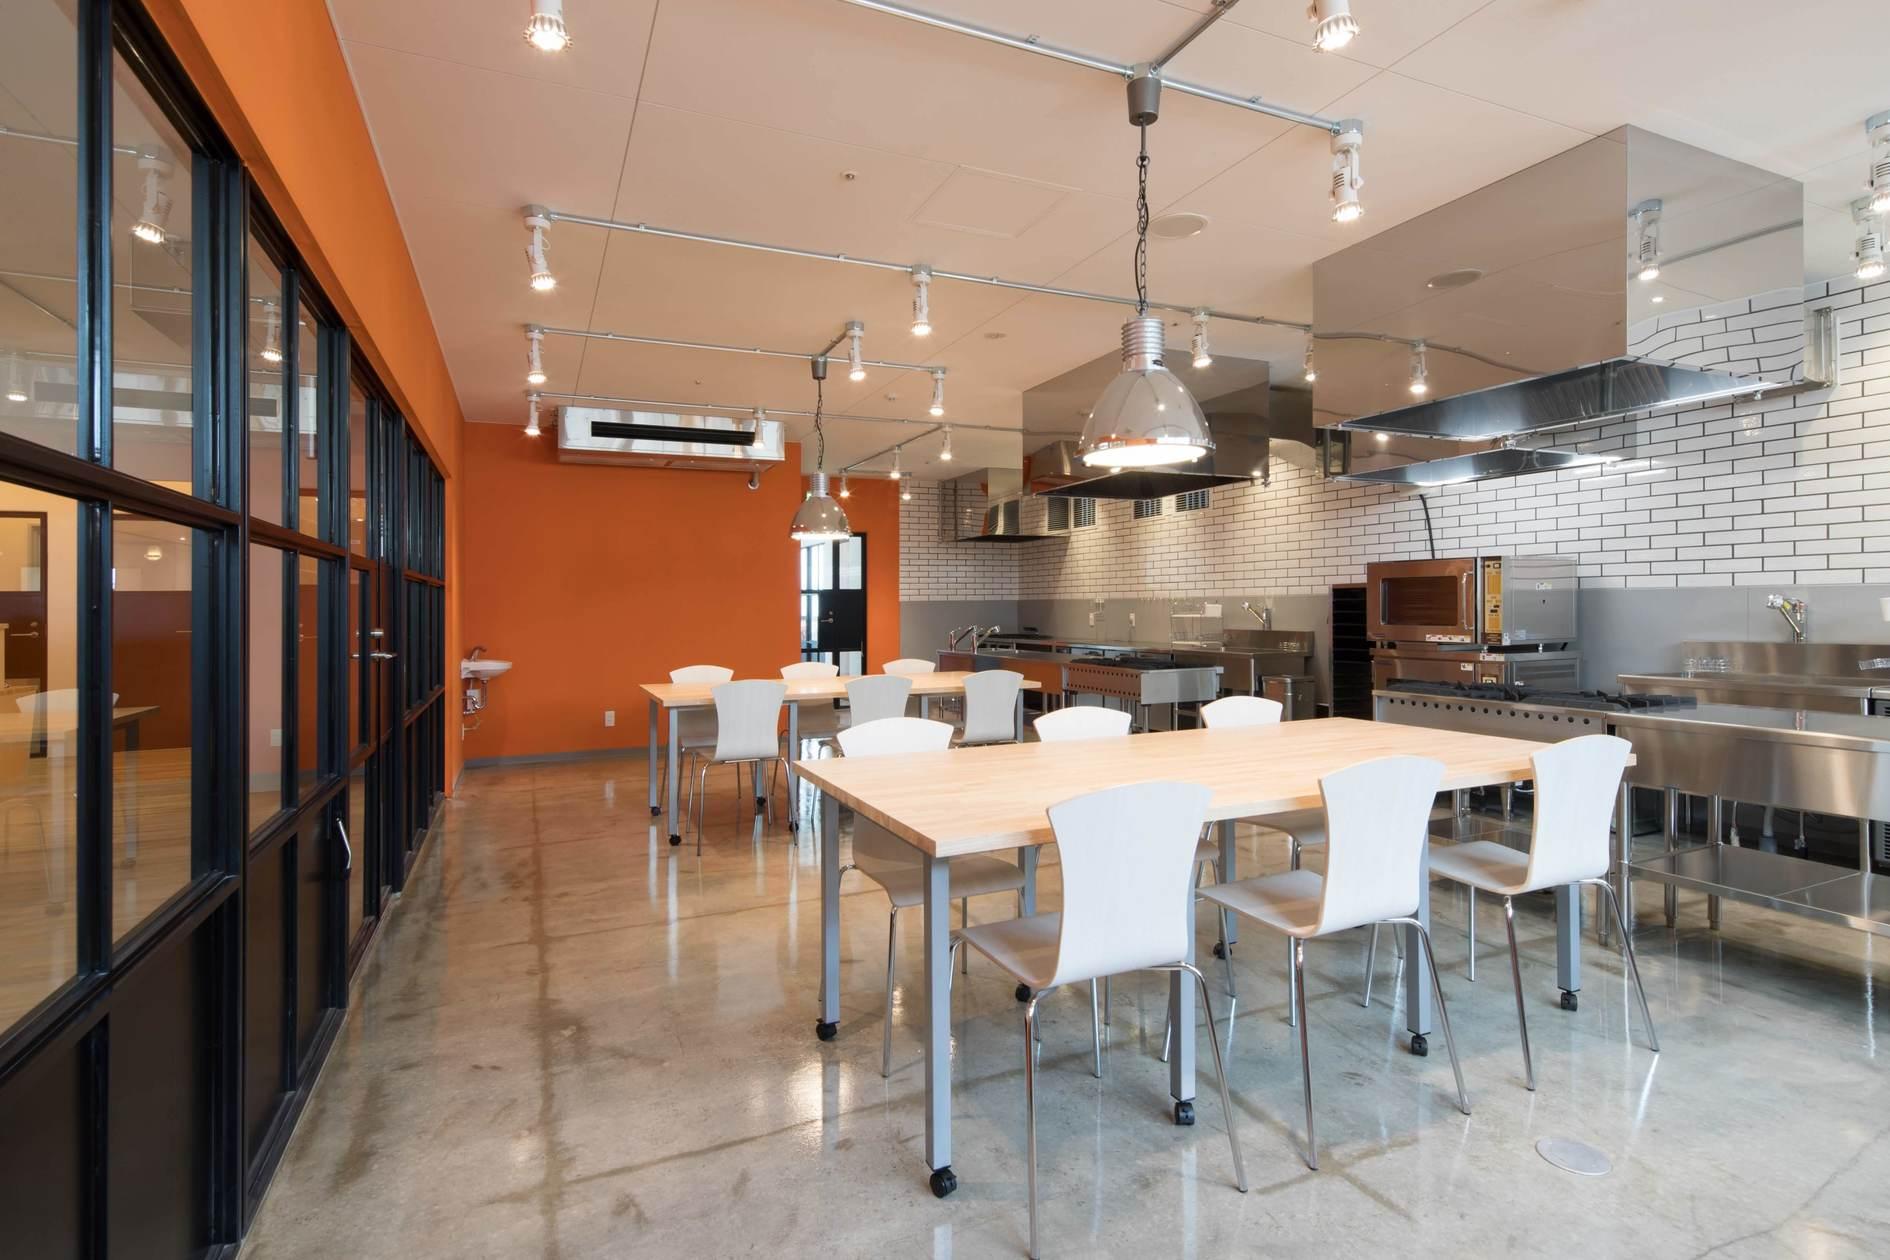 プロ仕様の広々レンタルキッチン!商品試作・料理教室・パーティまで幅広くこなせます の写真